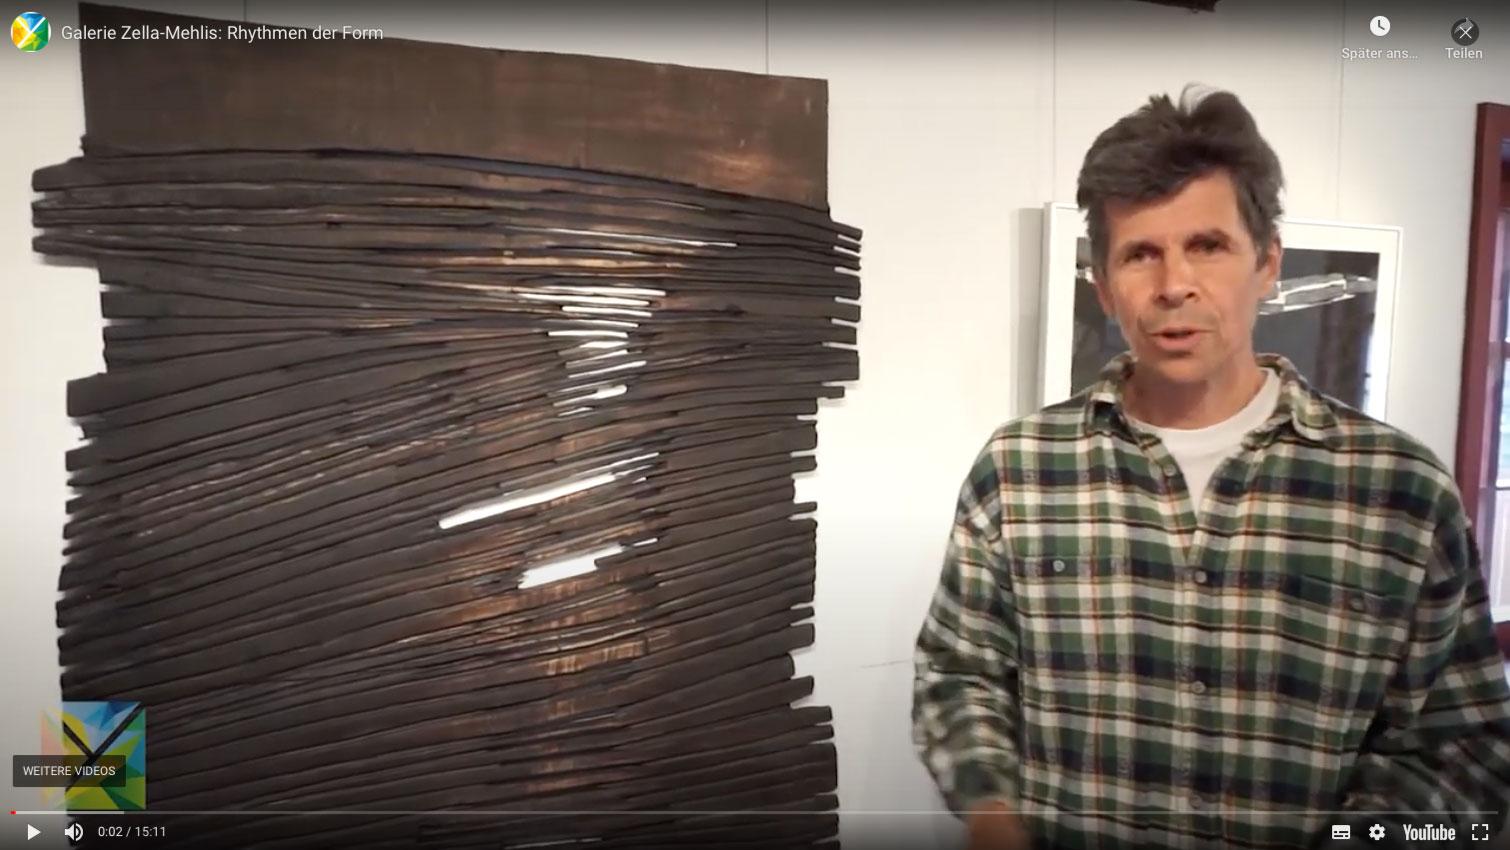 """Ausstellung """"Rhythmen der Form"""" . Beate Debus - Landschaftsstrukturen . Galerie im Bürgerhaus Zella-Mehlis 2020 (Video)"""